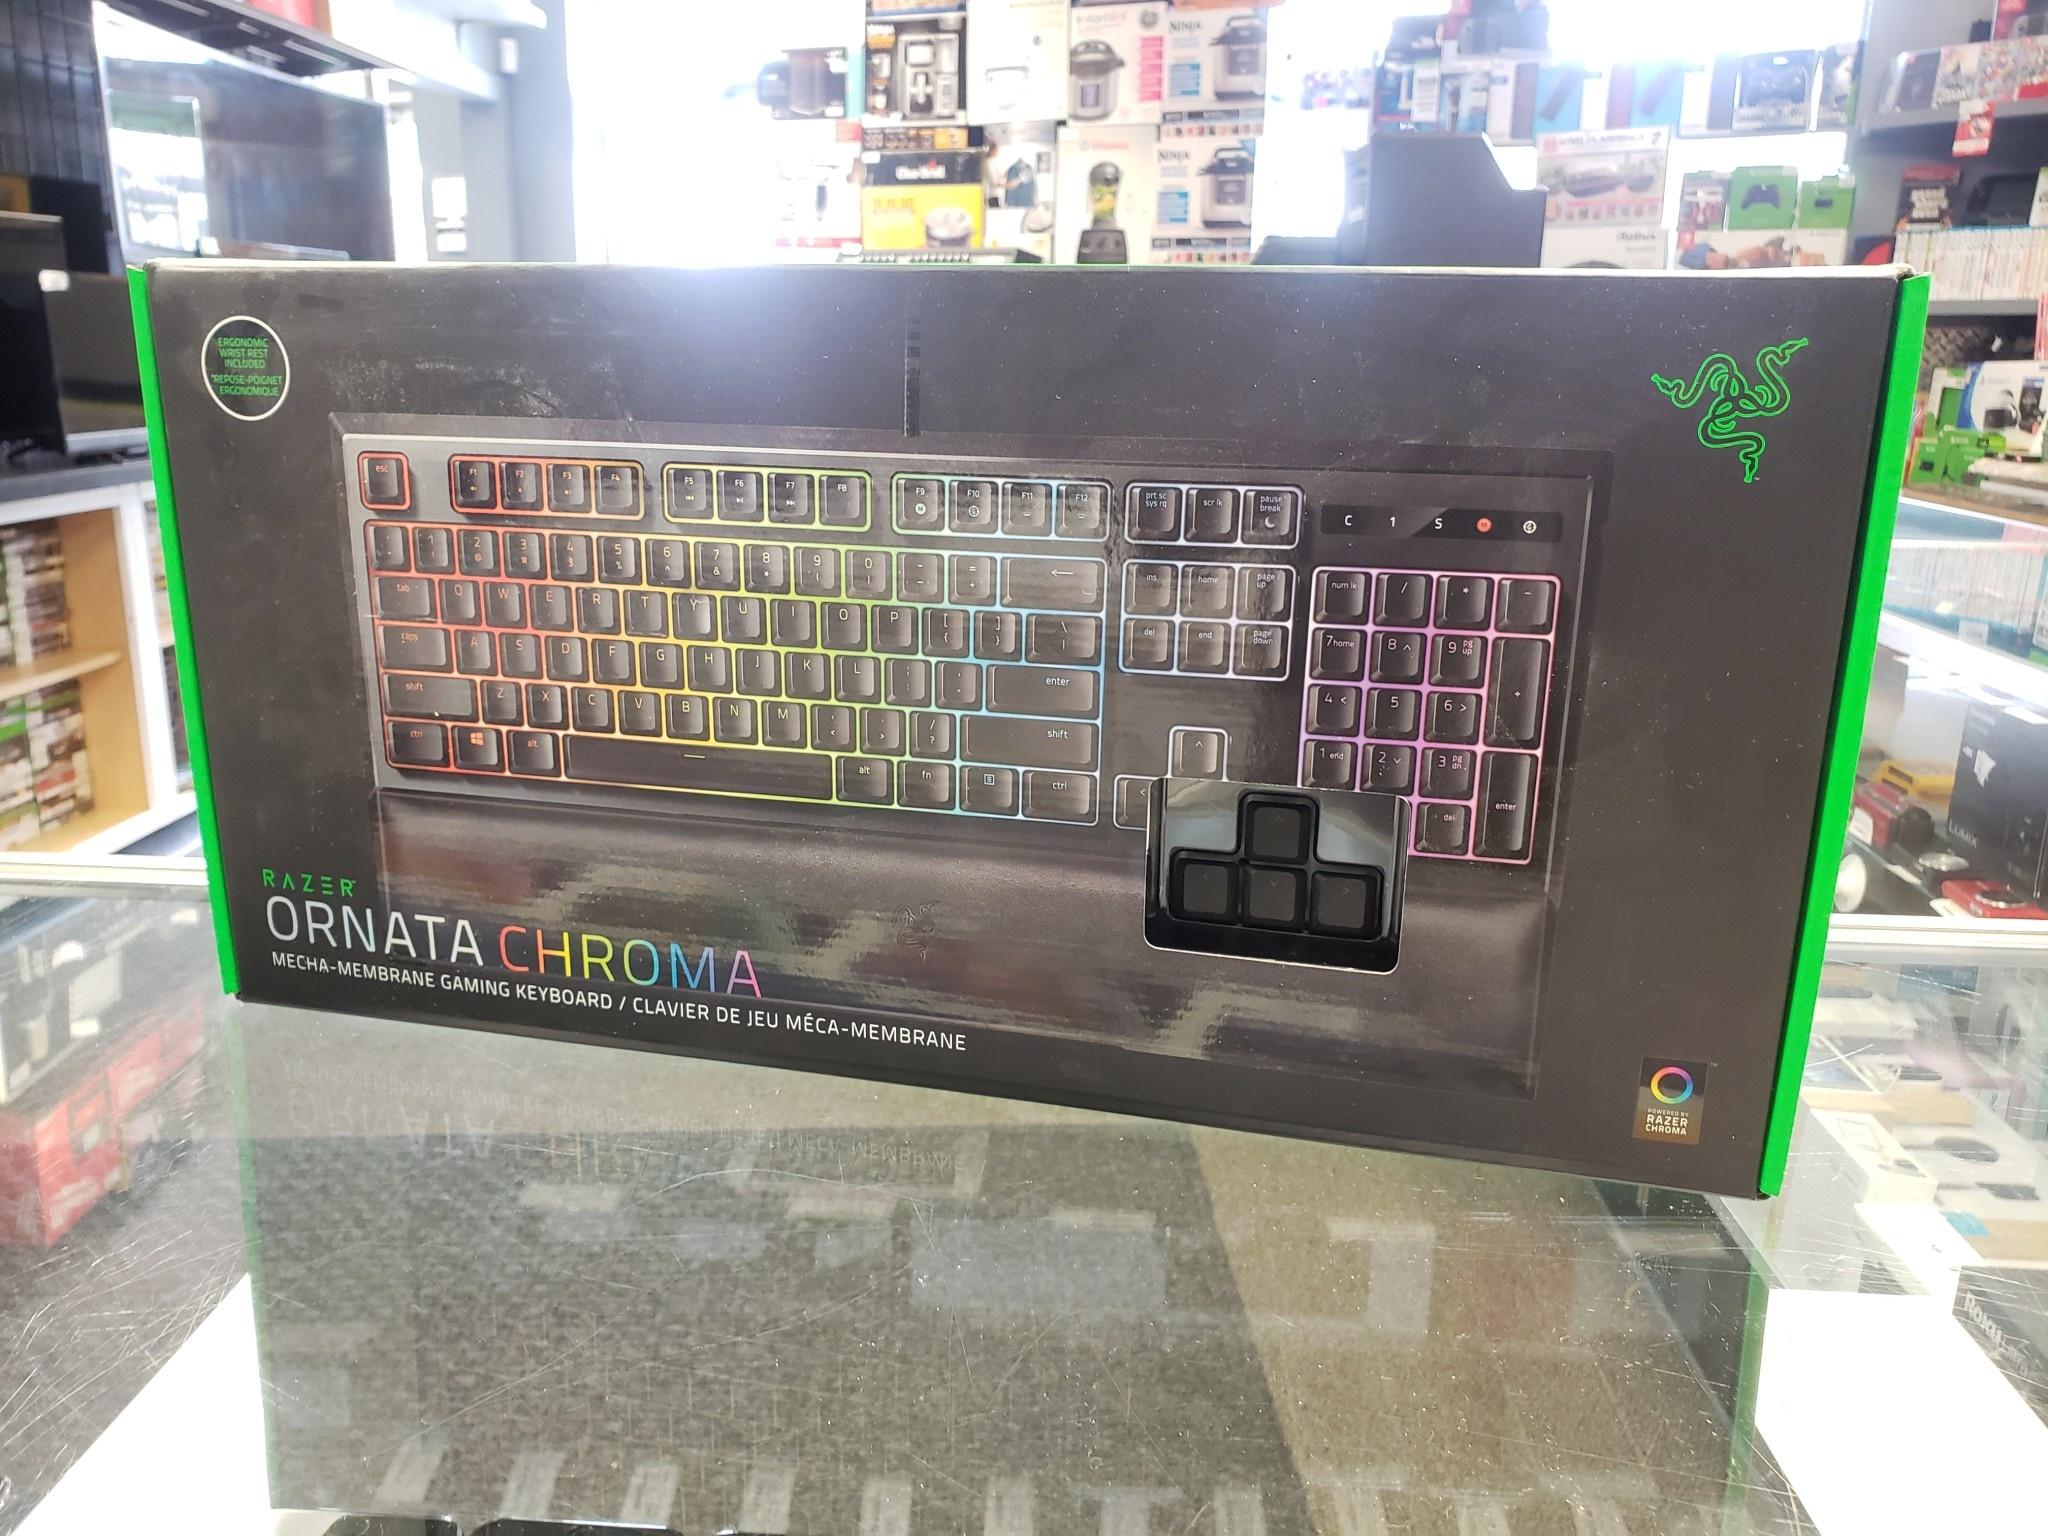 Højmoderne Razer Ornata Chroma Mecha-Membrane Gaming Keyboard - Used ER-47